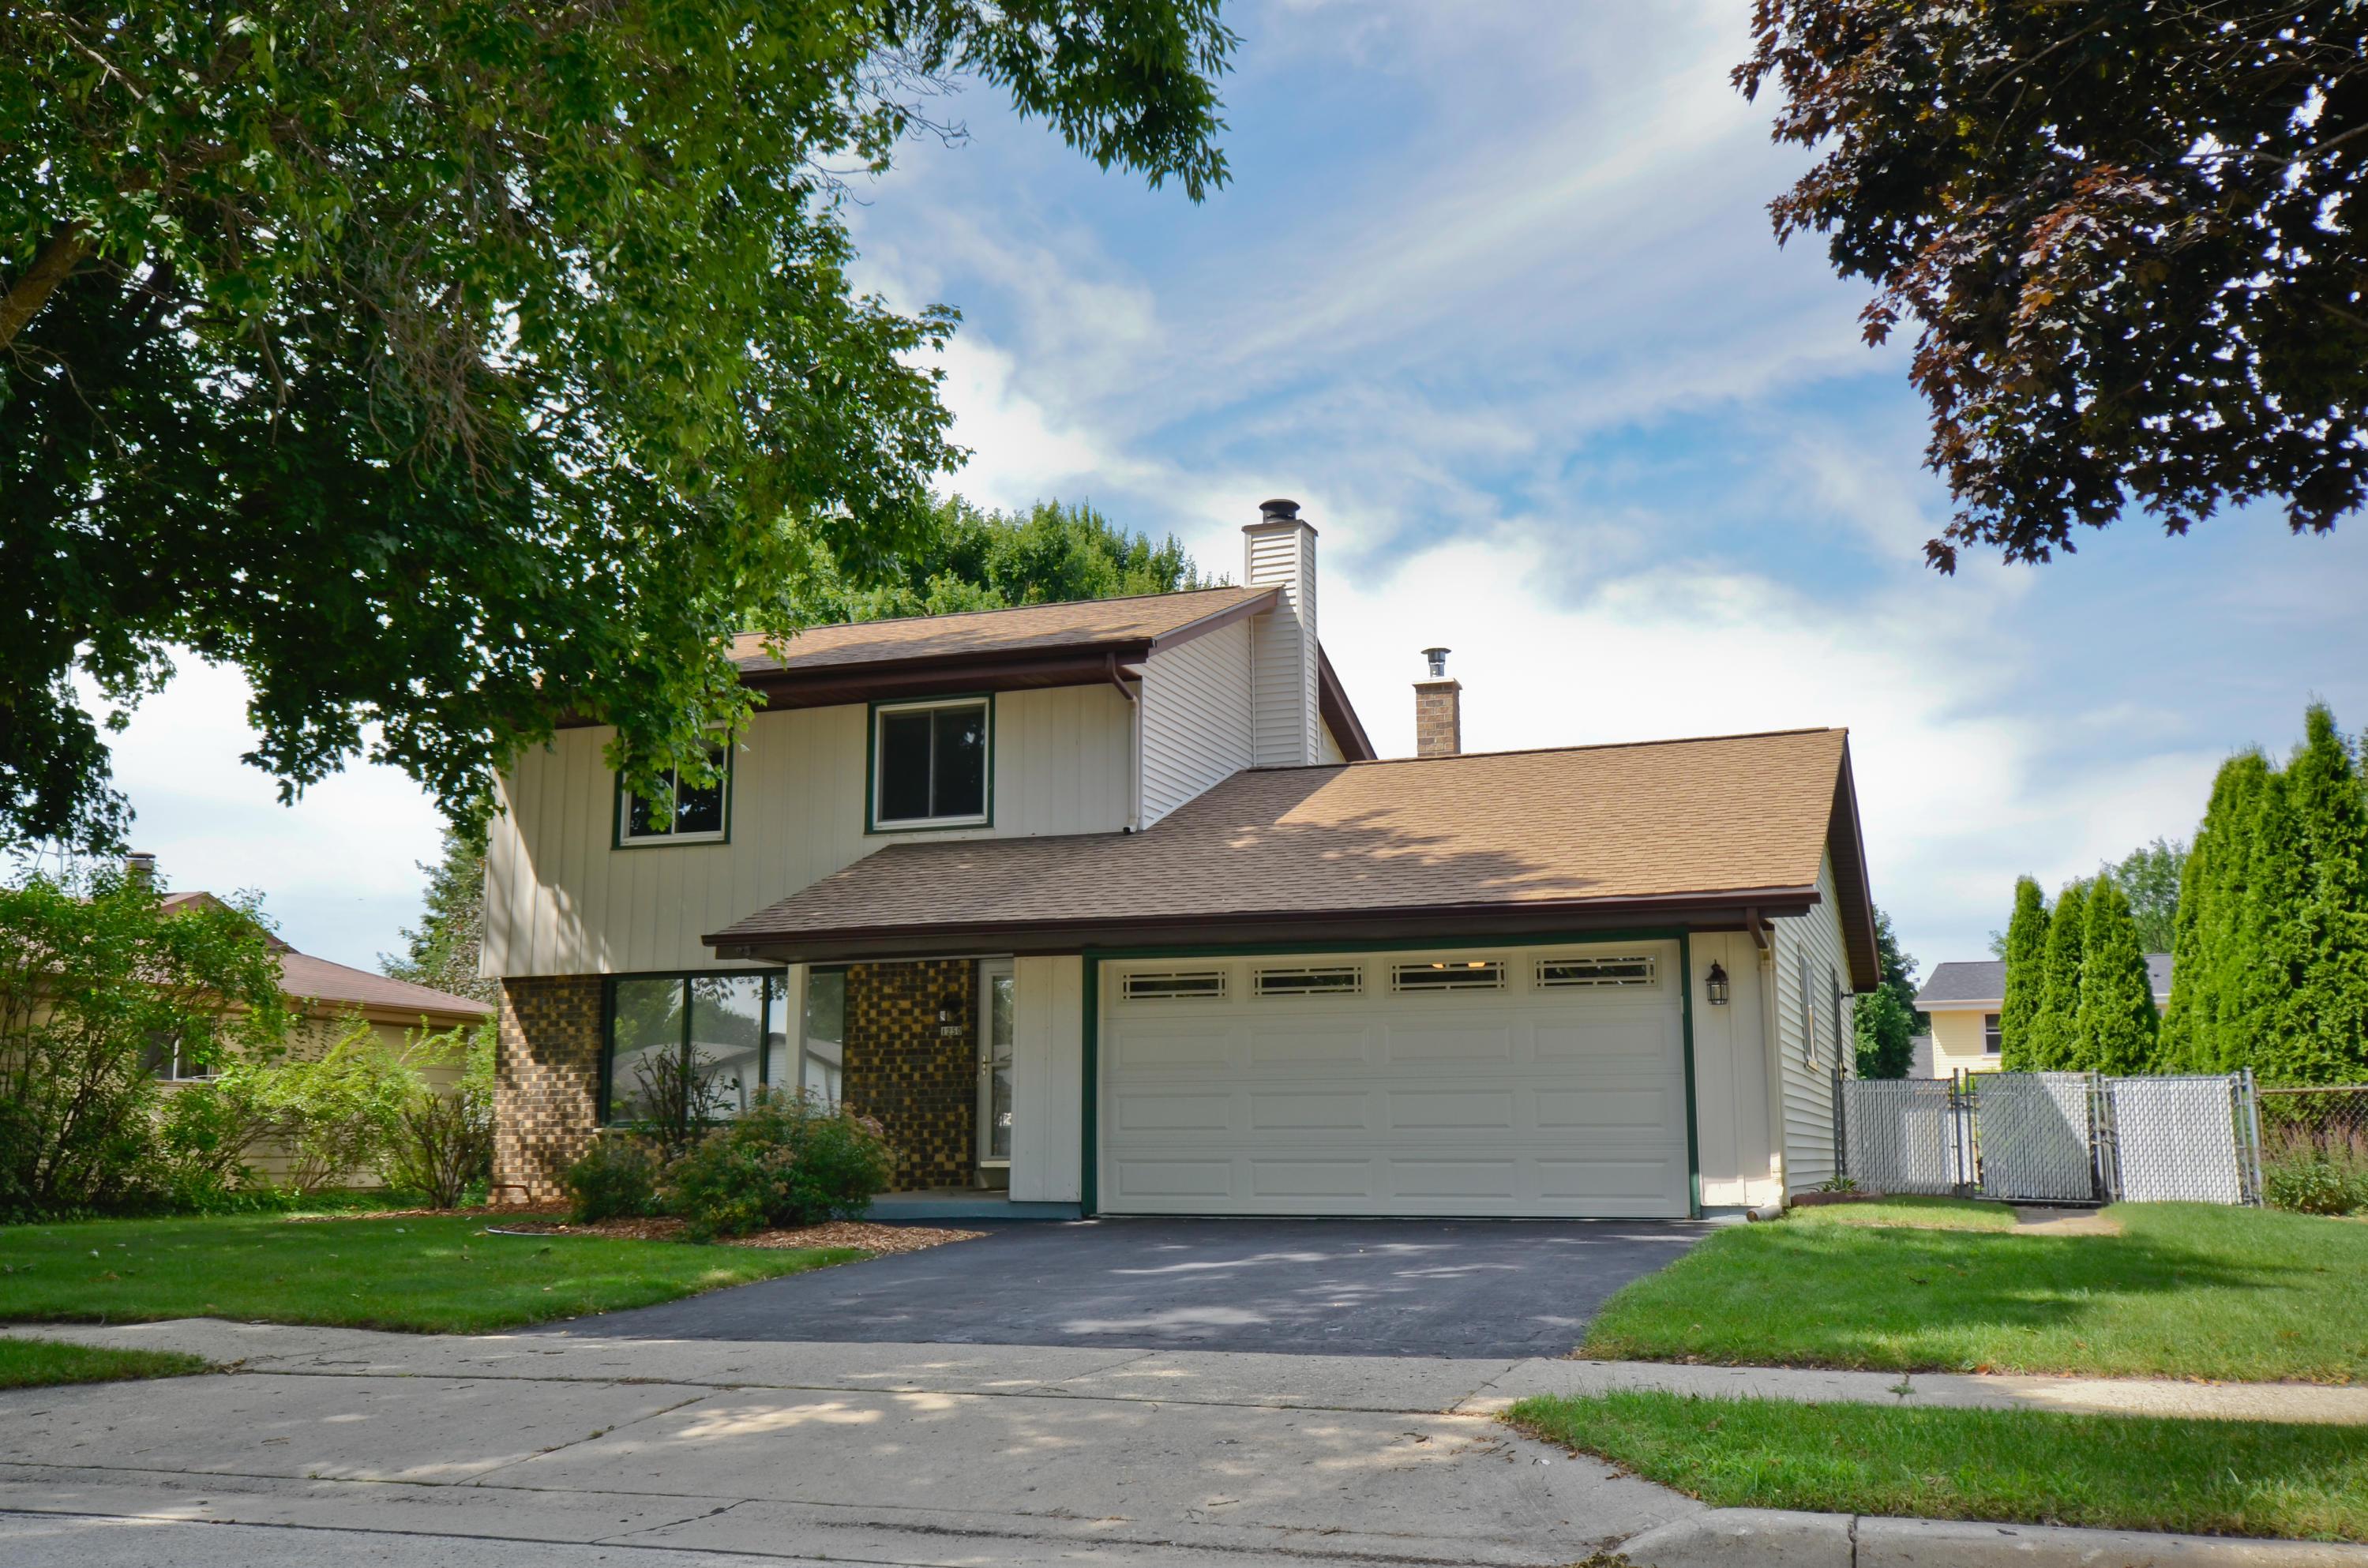 1250 School Dr, Waukesha, Wisconsin 53189, 3 Bedrooms Bedrooms, 7 Rooms Rooms,1 BathroomBathrooms,Single-Family,For Sale,School Dr,1649883